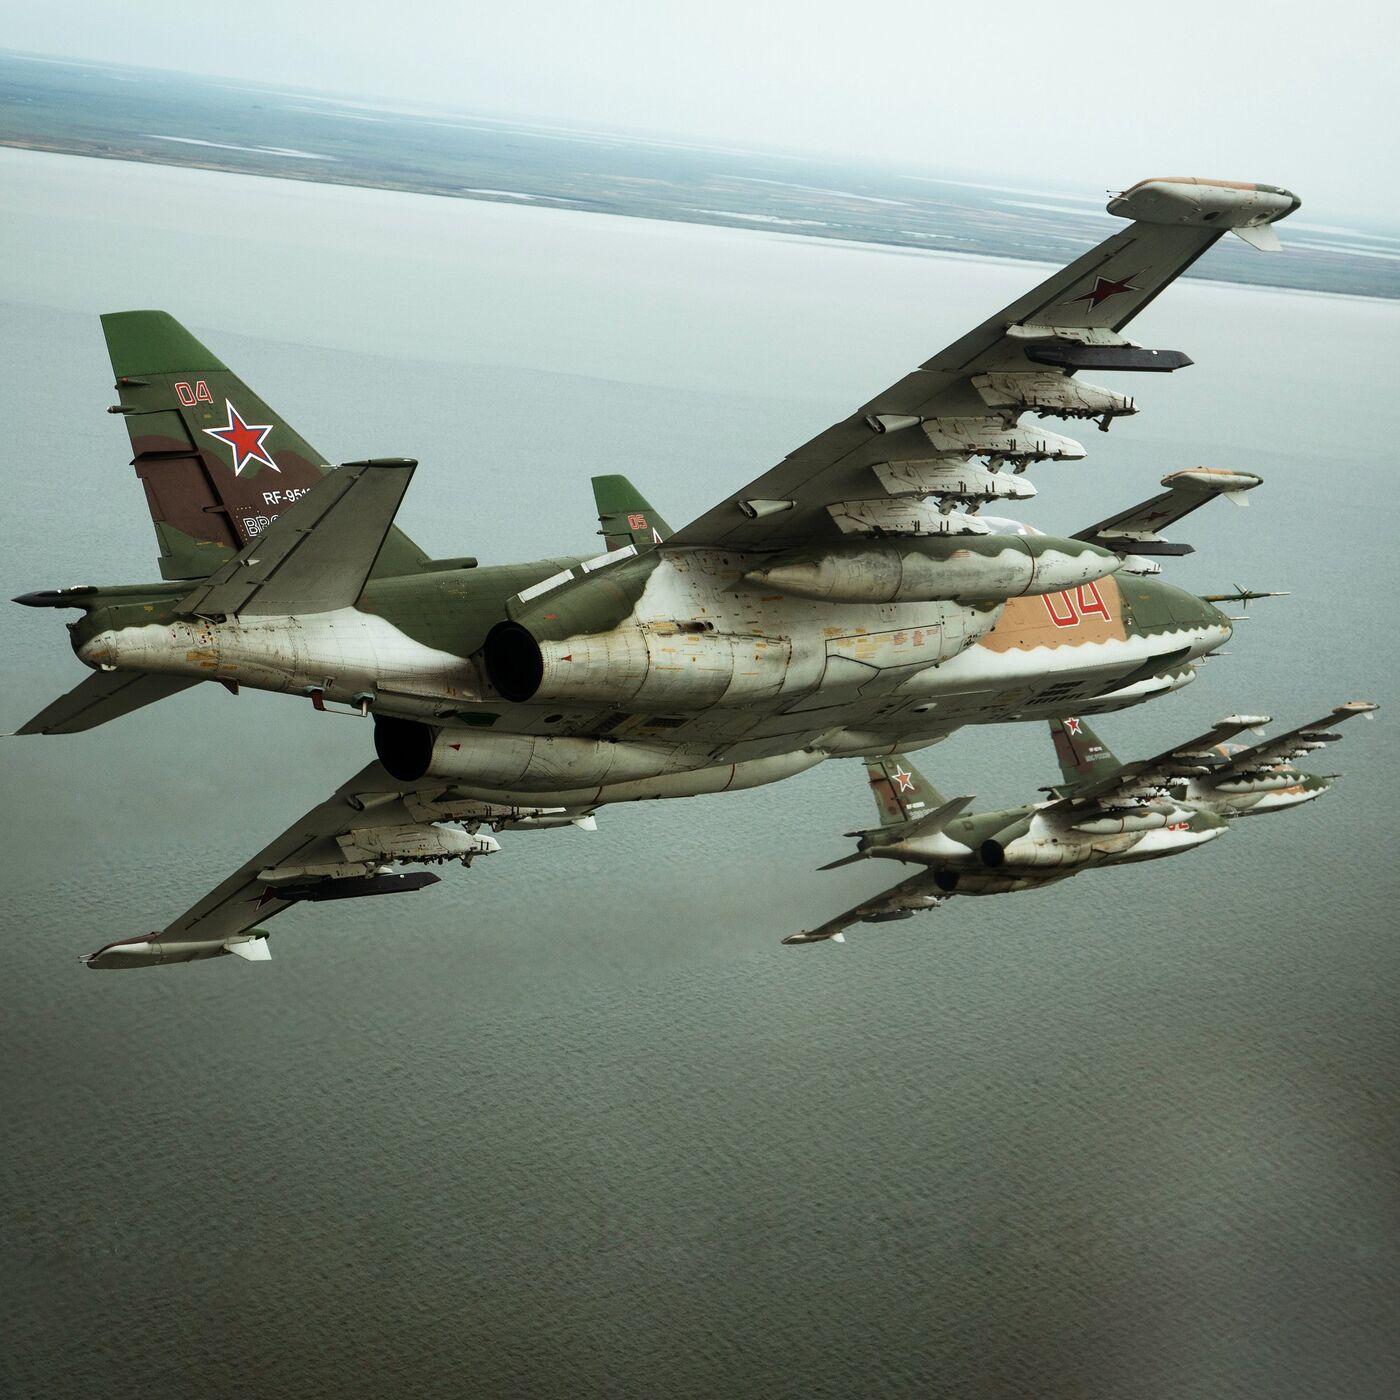 Обои земля, обои, сша, пилоты, Ракета, бомба, кабина, Самолёт, ввс. Авиация foto 14